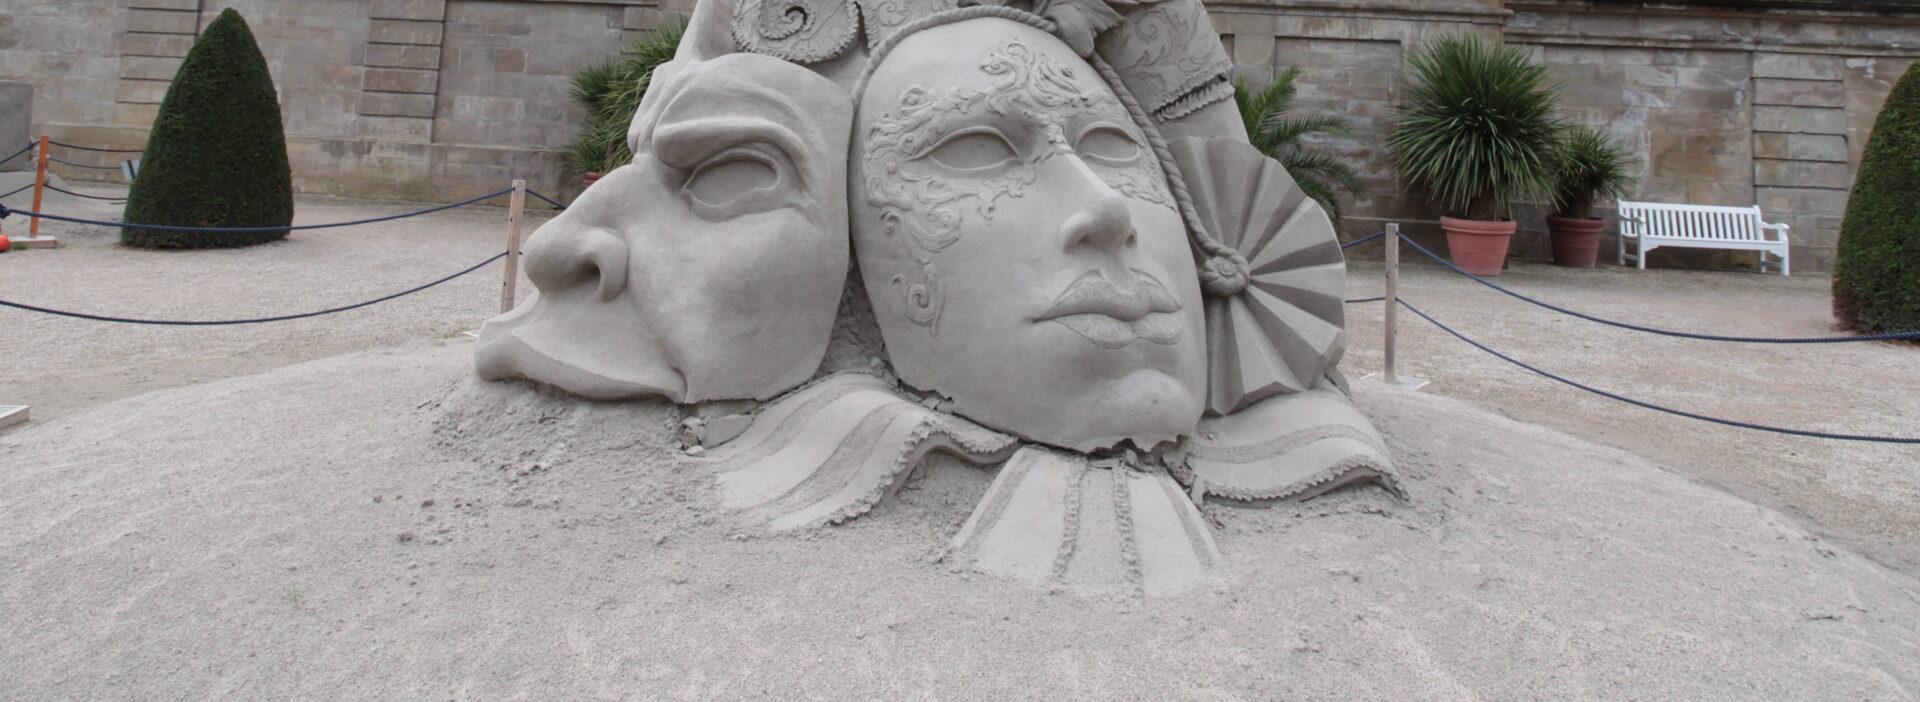 Naturkunst Sand Ludwigsburg (3)